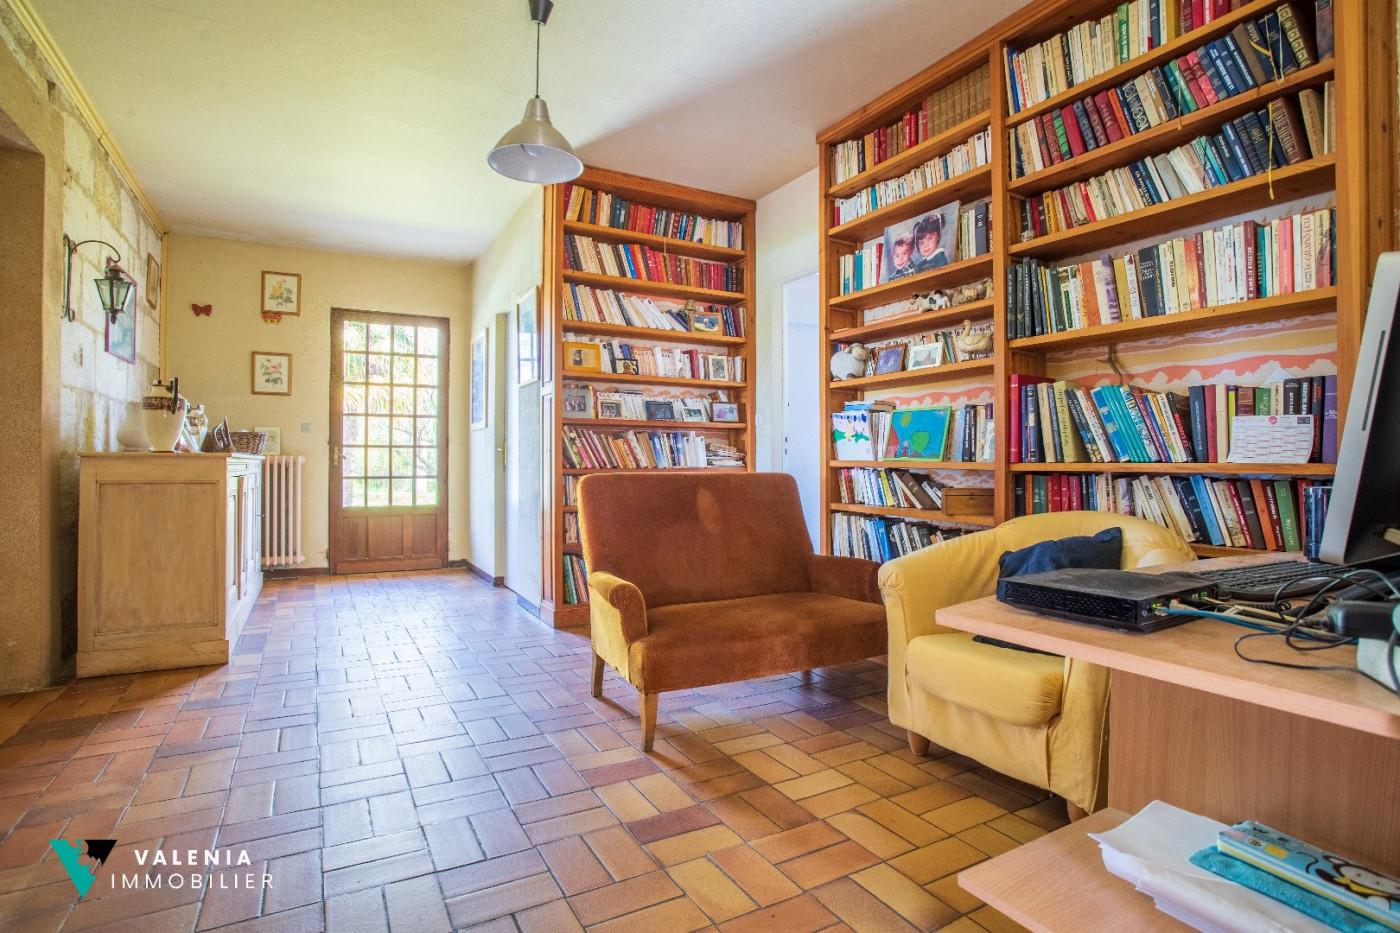 A vendre  Saint Michel De Fronsac   Réf 3453411568 - Valenia immobilier